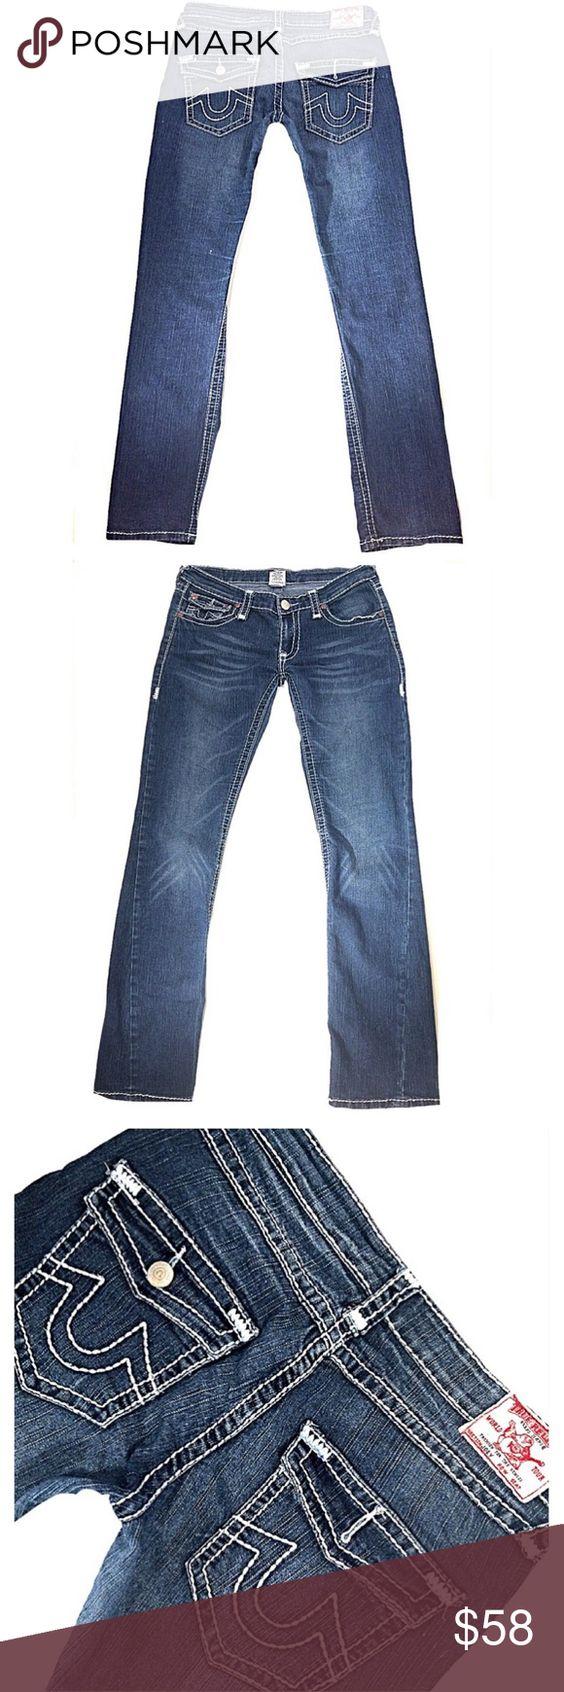 """TRUE RELIGION """"Joey"""" SZ 32 Skinny Dark Blue Jeans TRUE RELIGION """"Joey"""" Juniors*SZ 32*Skinny Dark Stretchy Blue Jeans*Inseam 32"""" True Religion Jeans Skinny"""